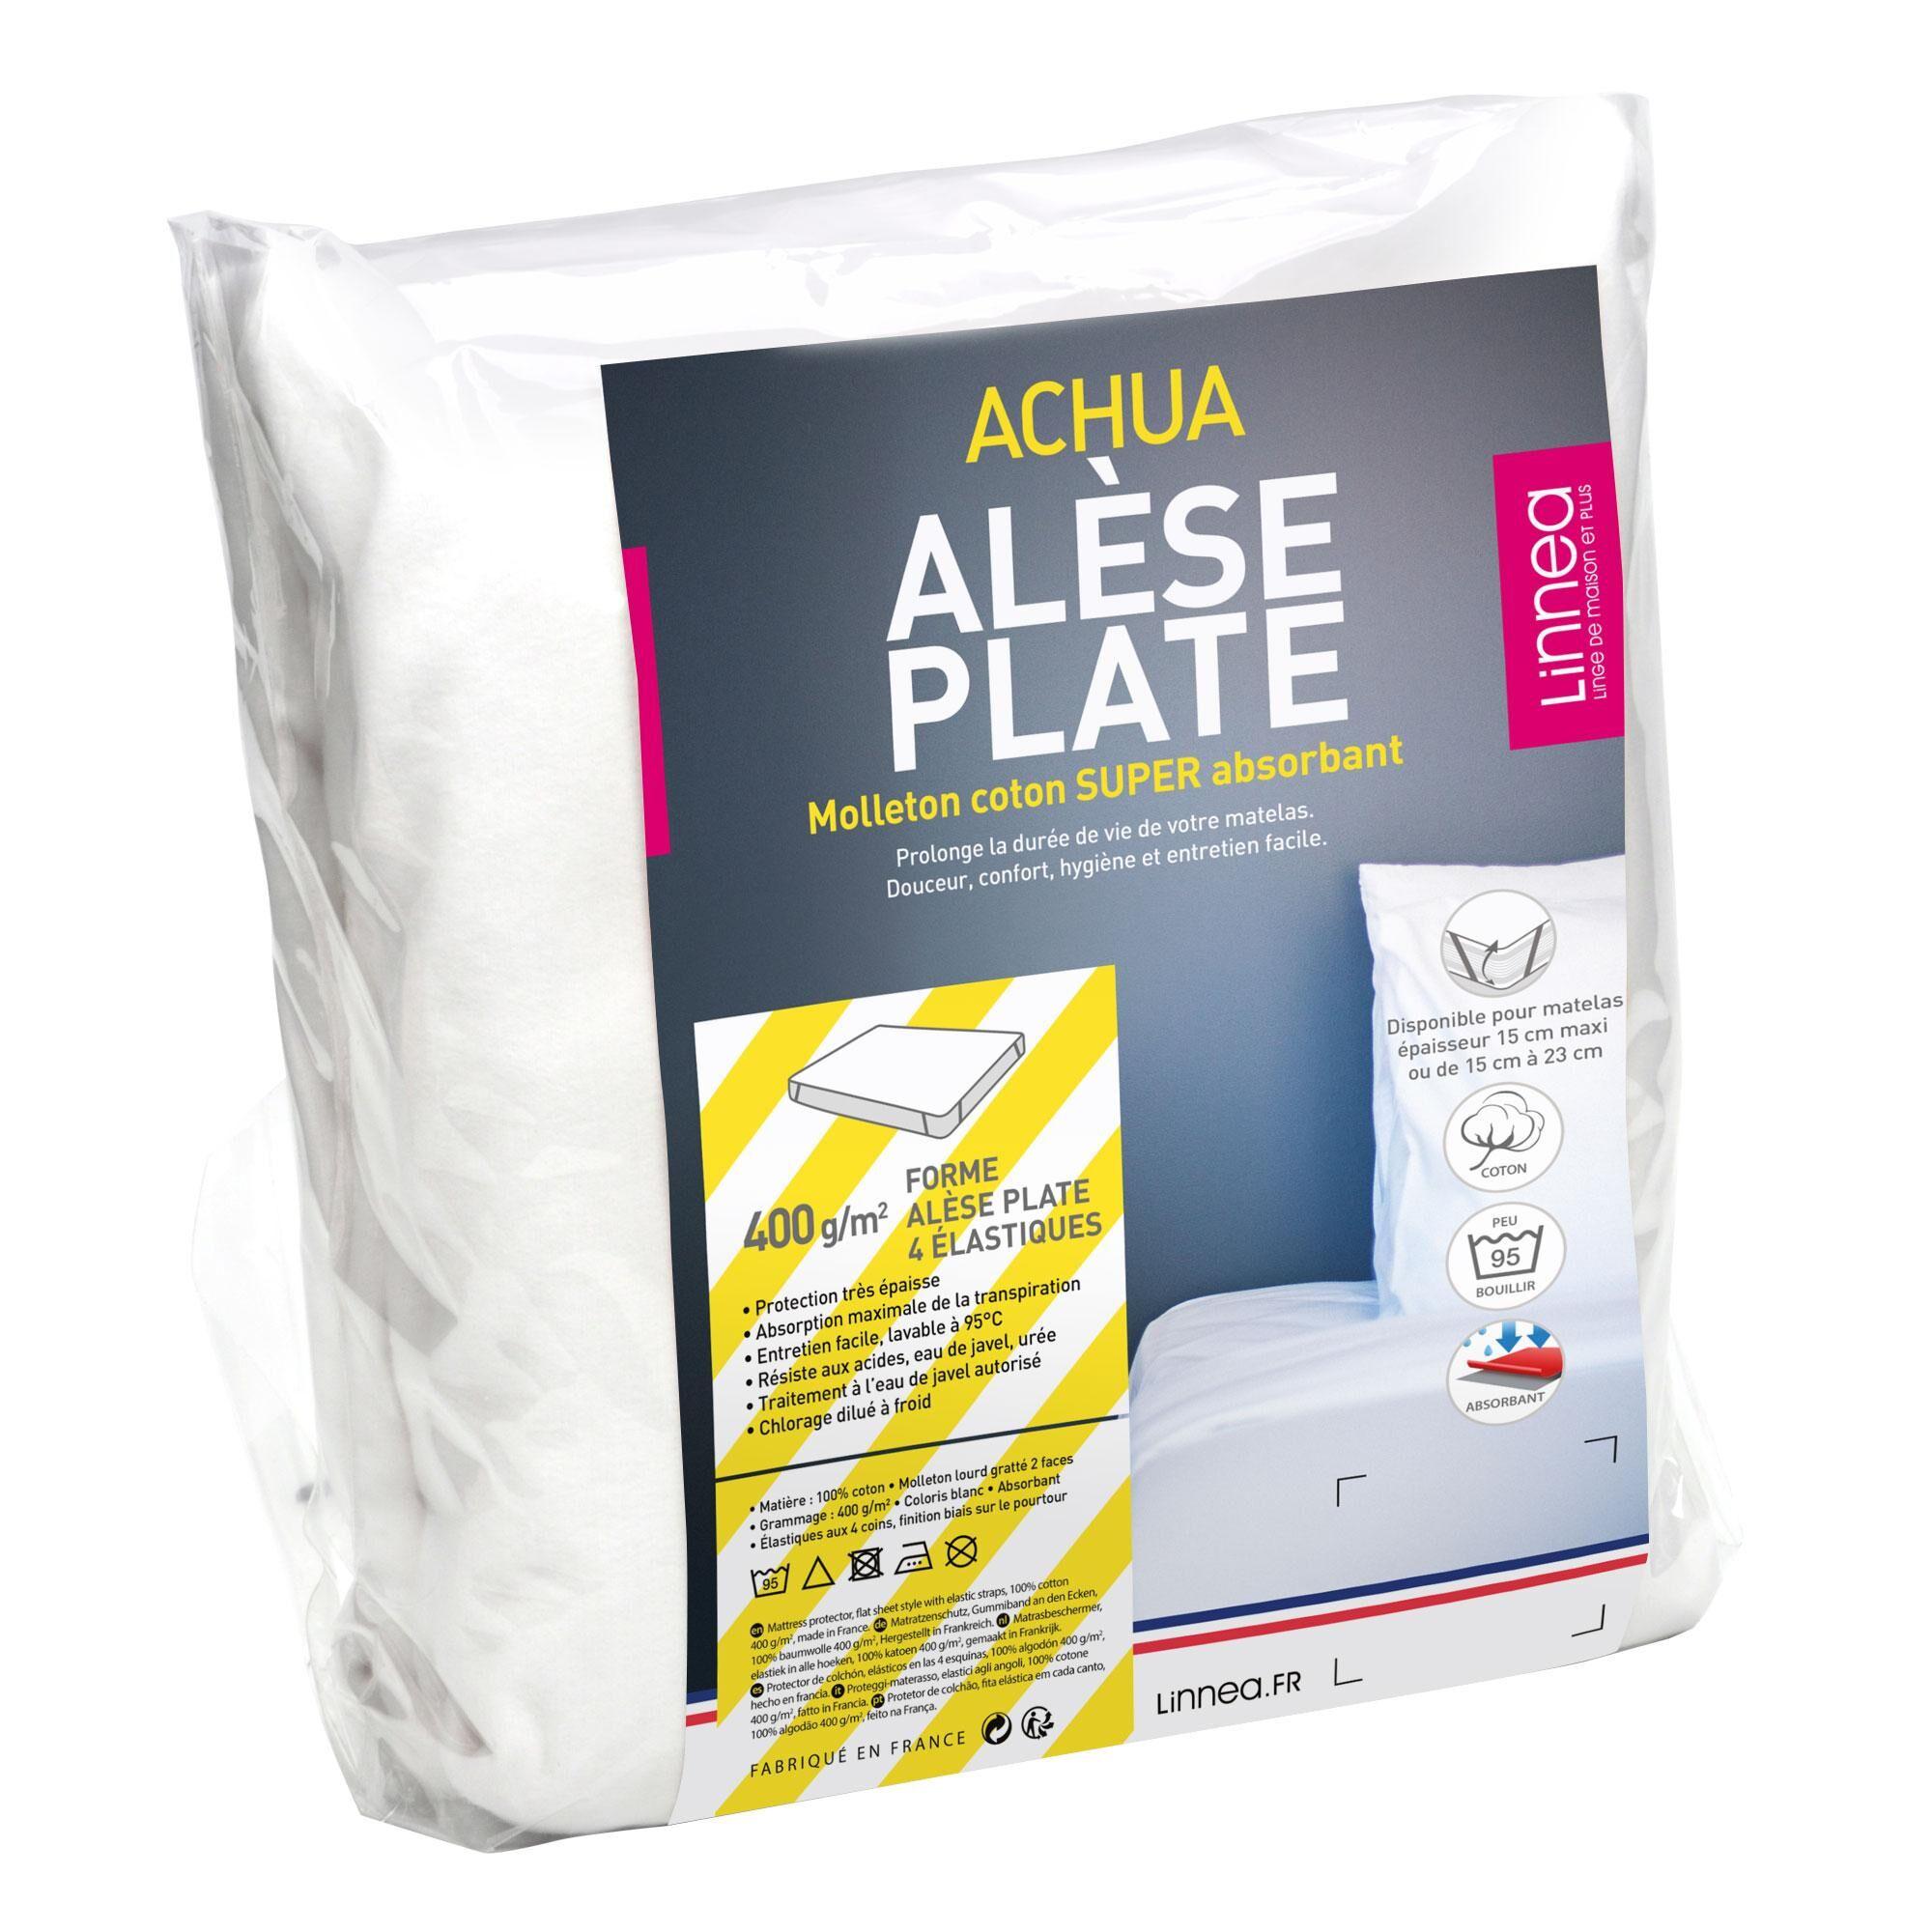 Linnea Alèse plate 120x190 cm ACHUA Molleton 100% coton 400 g/m2 matelas 15cm à 23cm